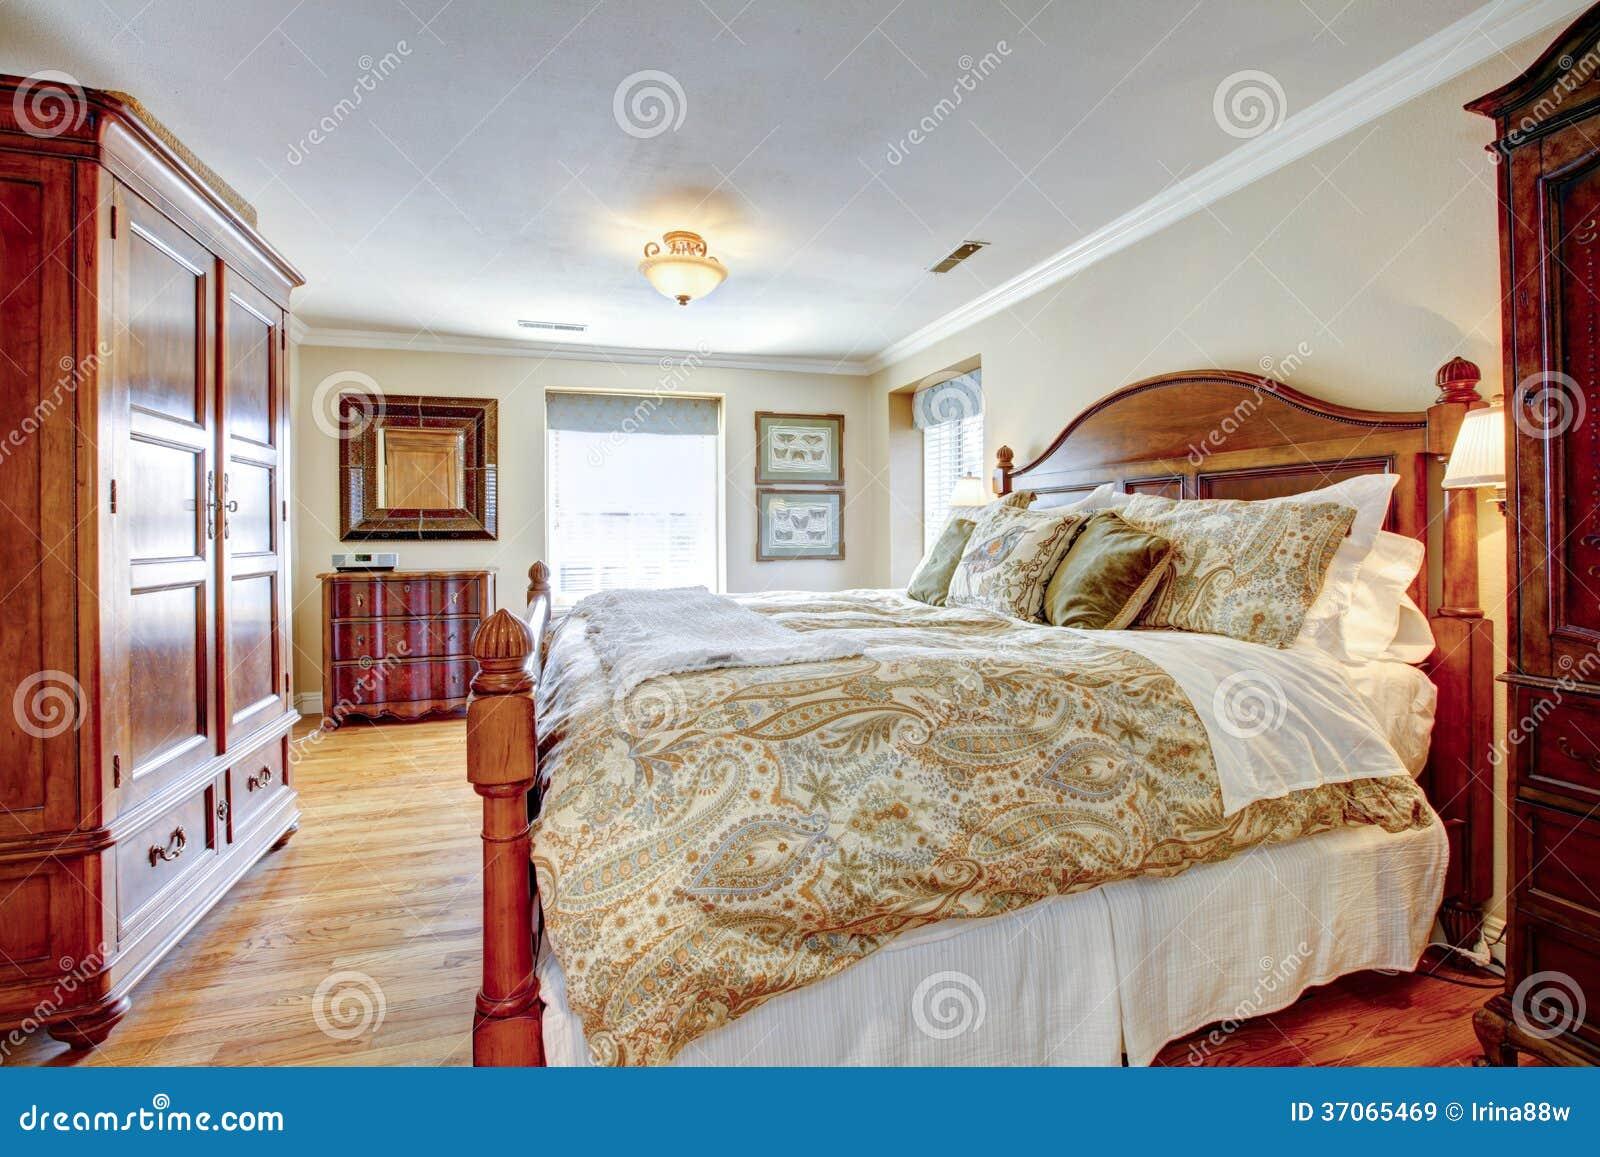 Grande chambre à coucher meublée rustique photographie stock libre ...